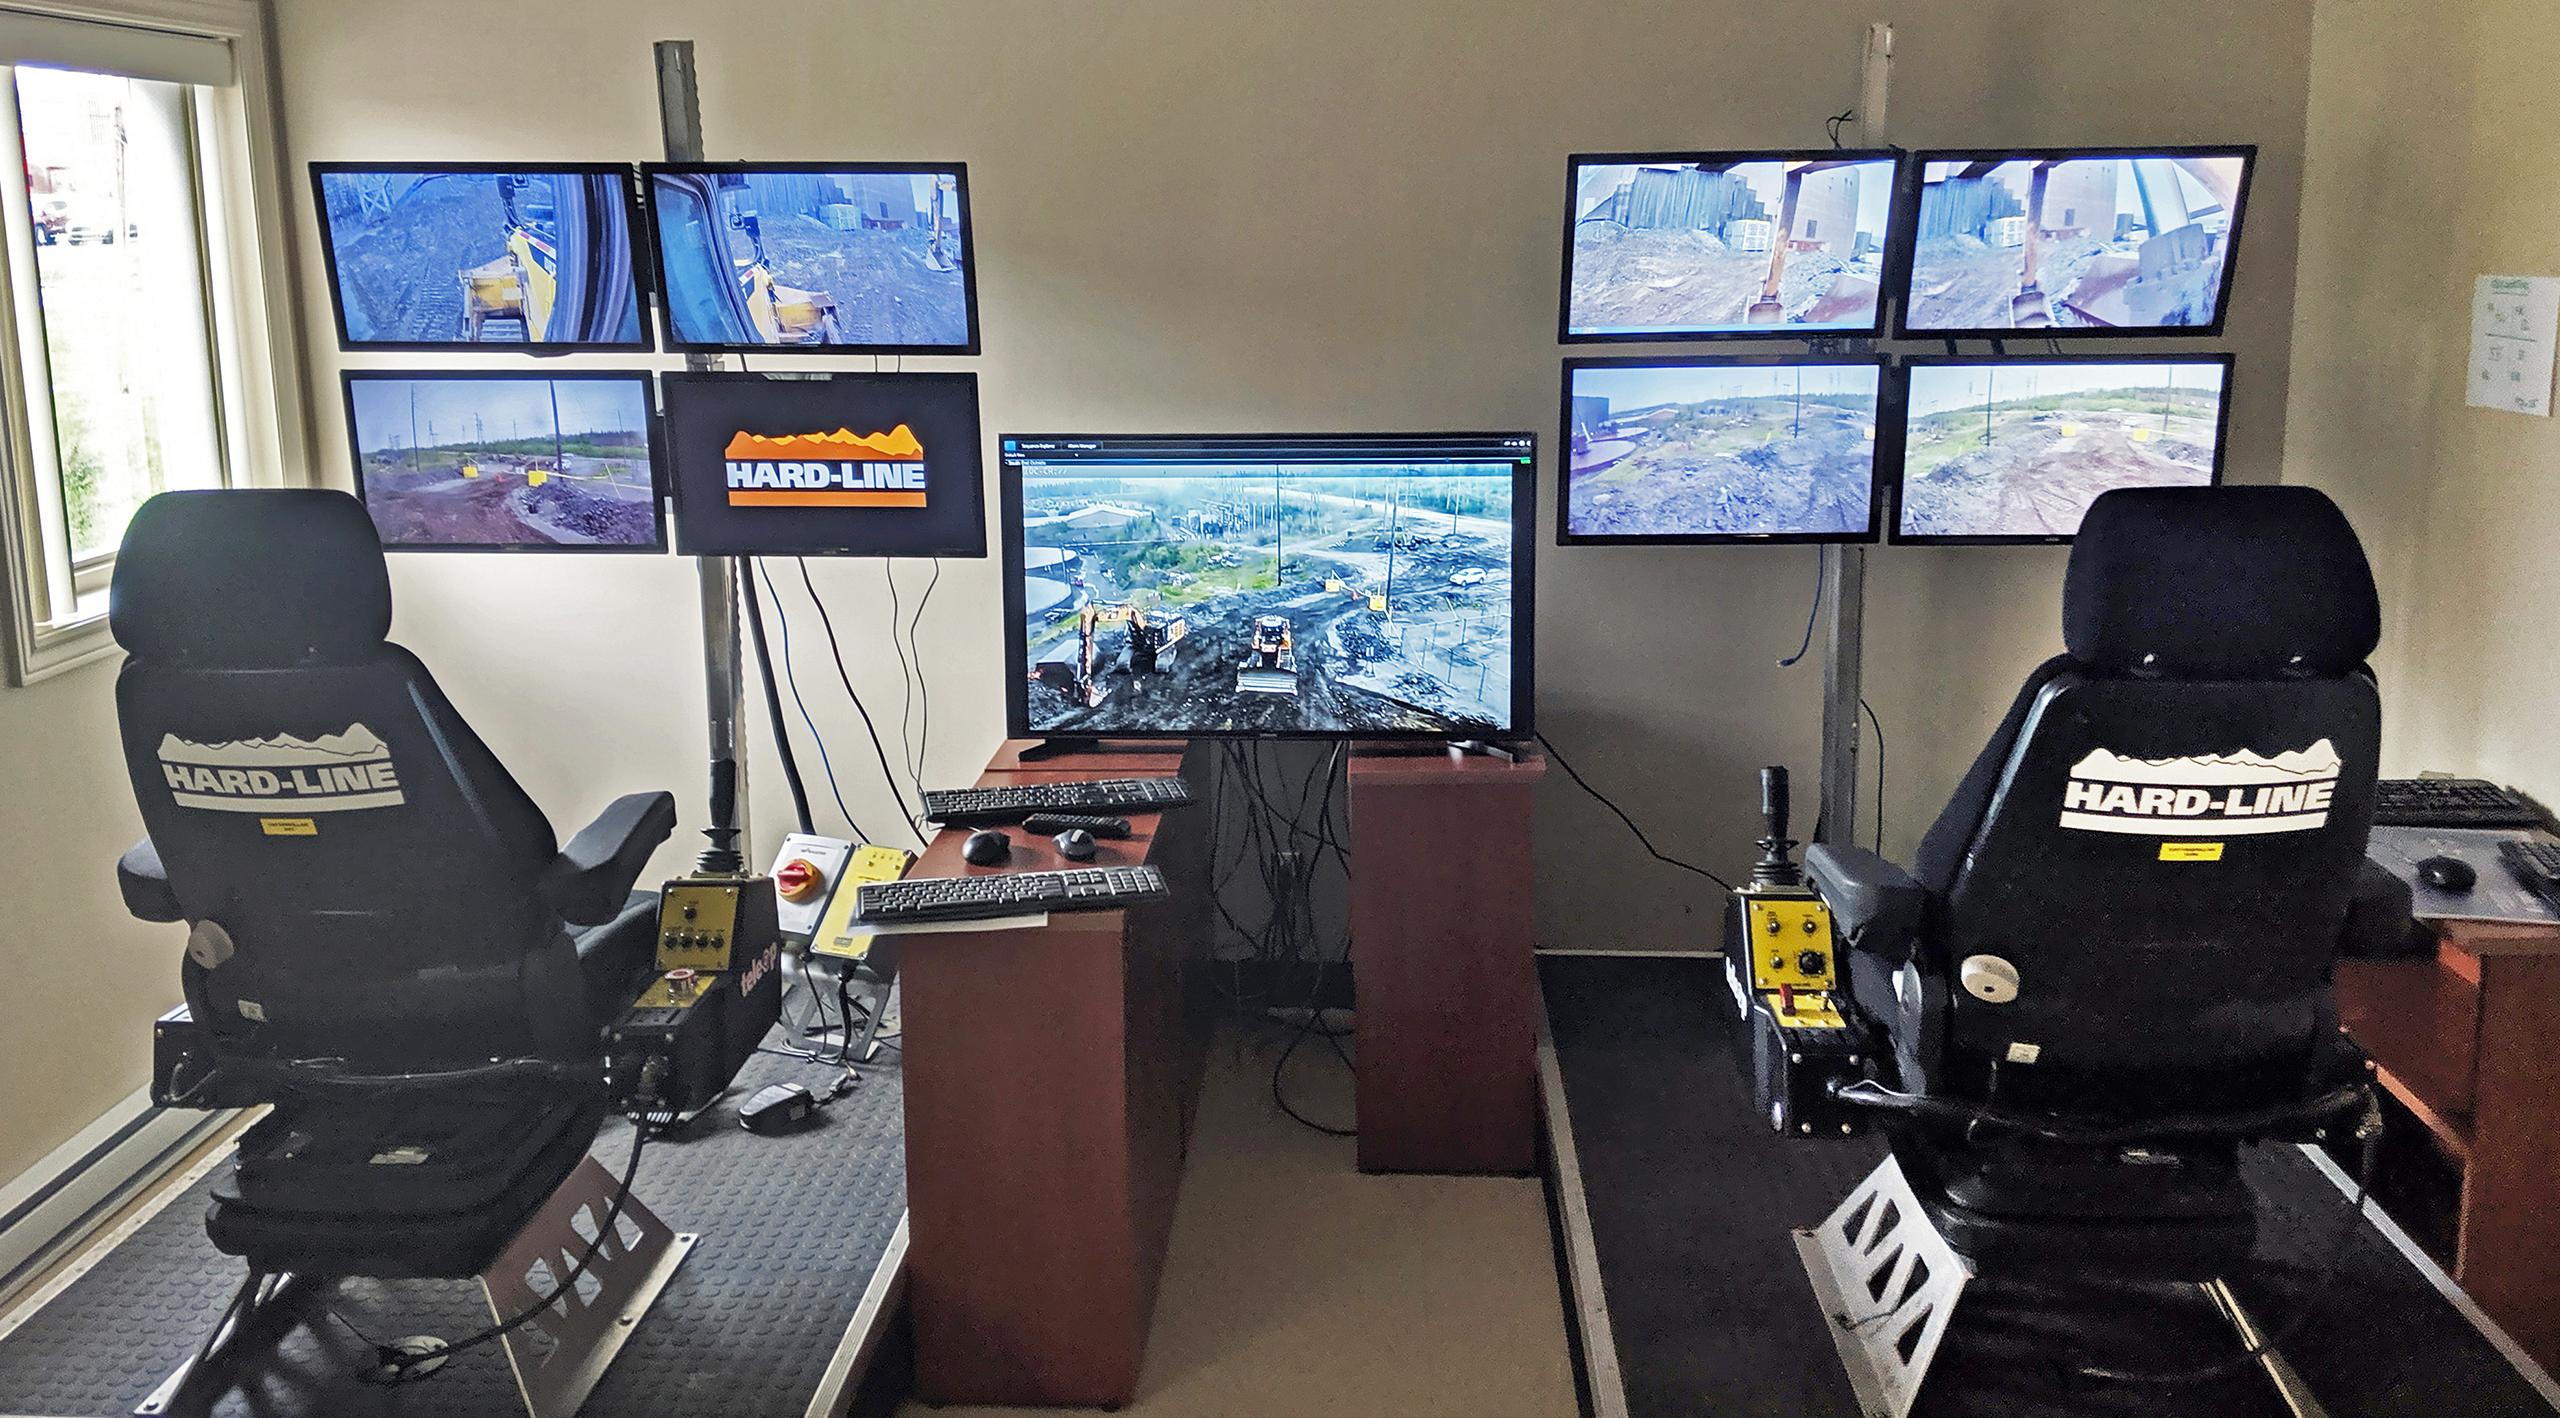 Le système TeleOp qui exploite des machines lourdes à partir d'un environnement ergonomique